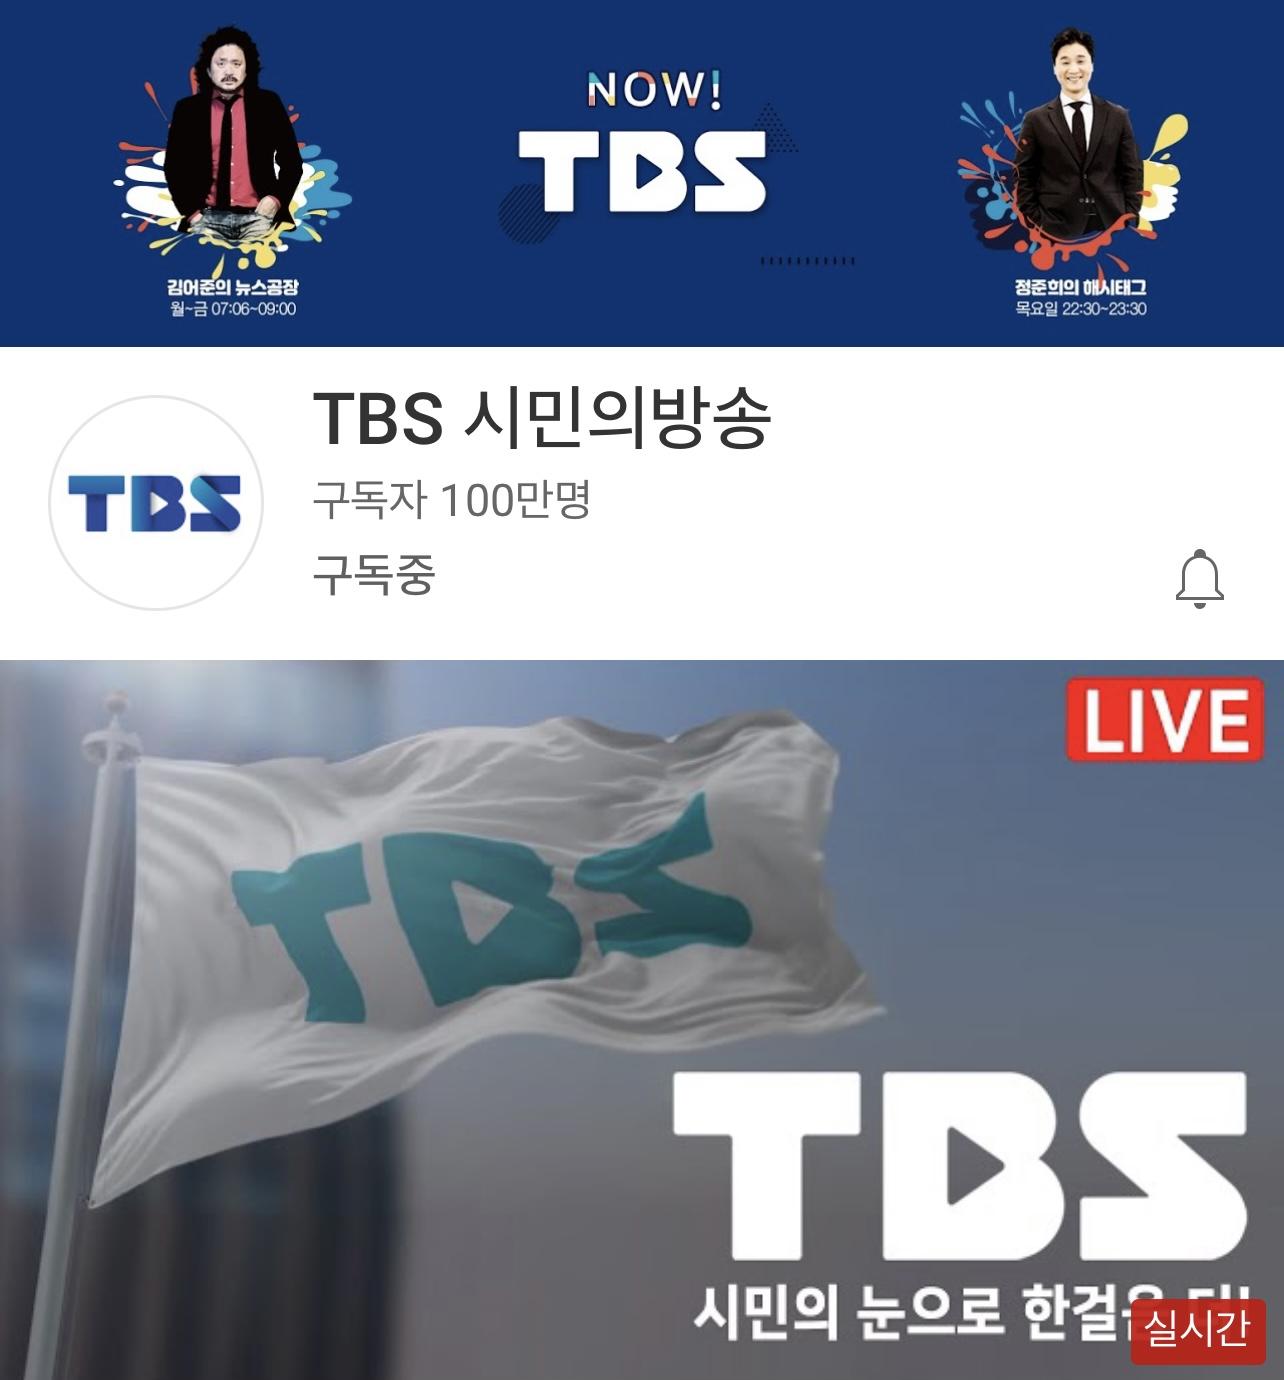 유튜브 채널 '시민의방송 TBS' <사진=TBS>